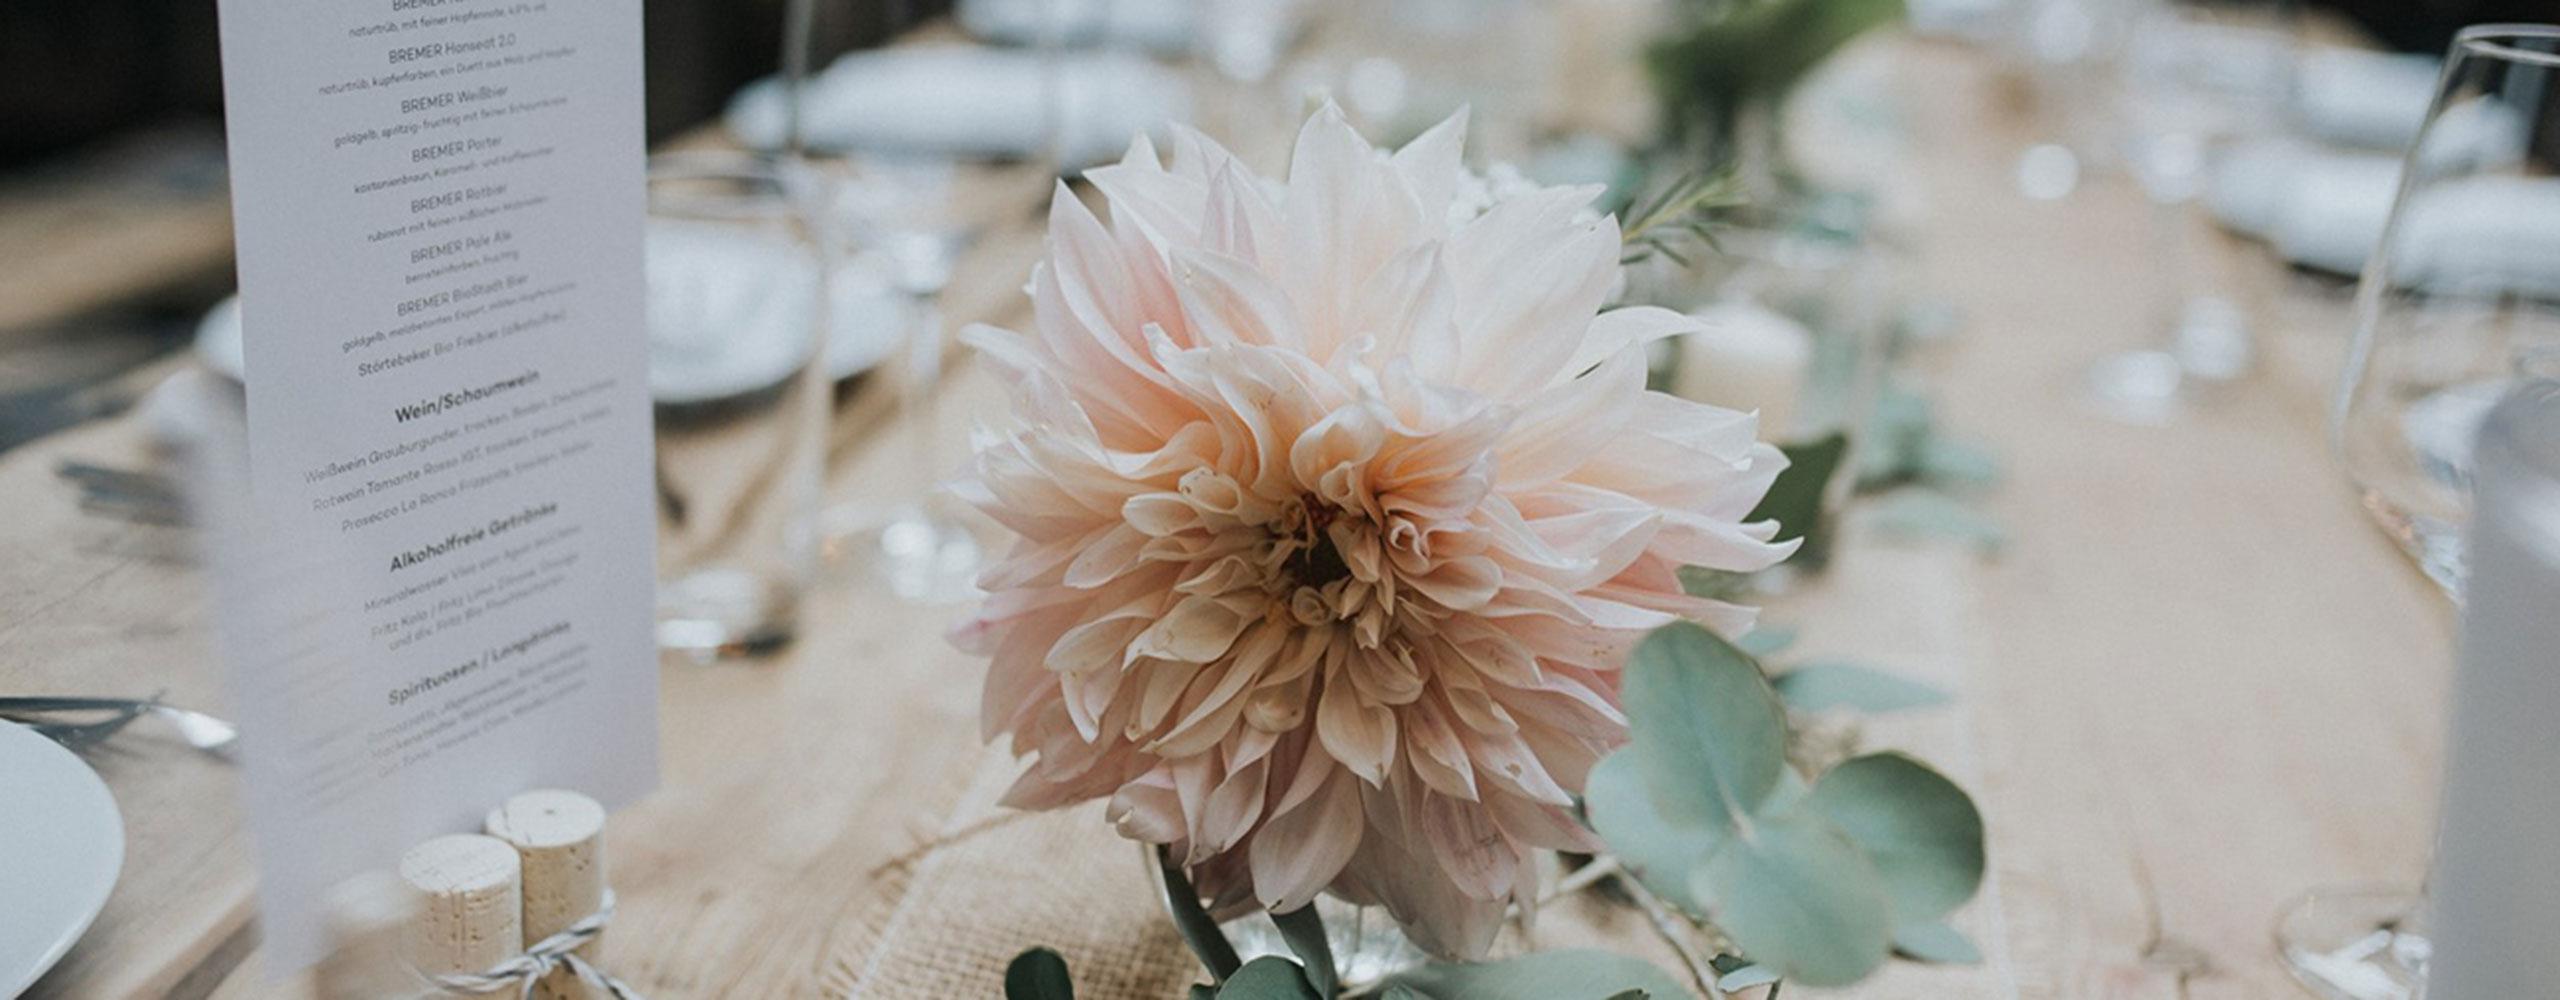 Tischdekoration Hochzeit Greenery-Style mit rosa Dahlie - Kerstin Adrian